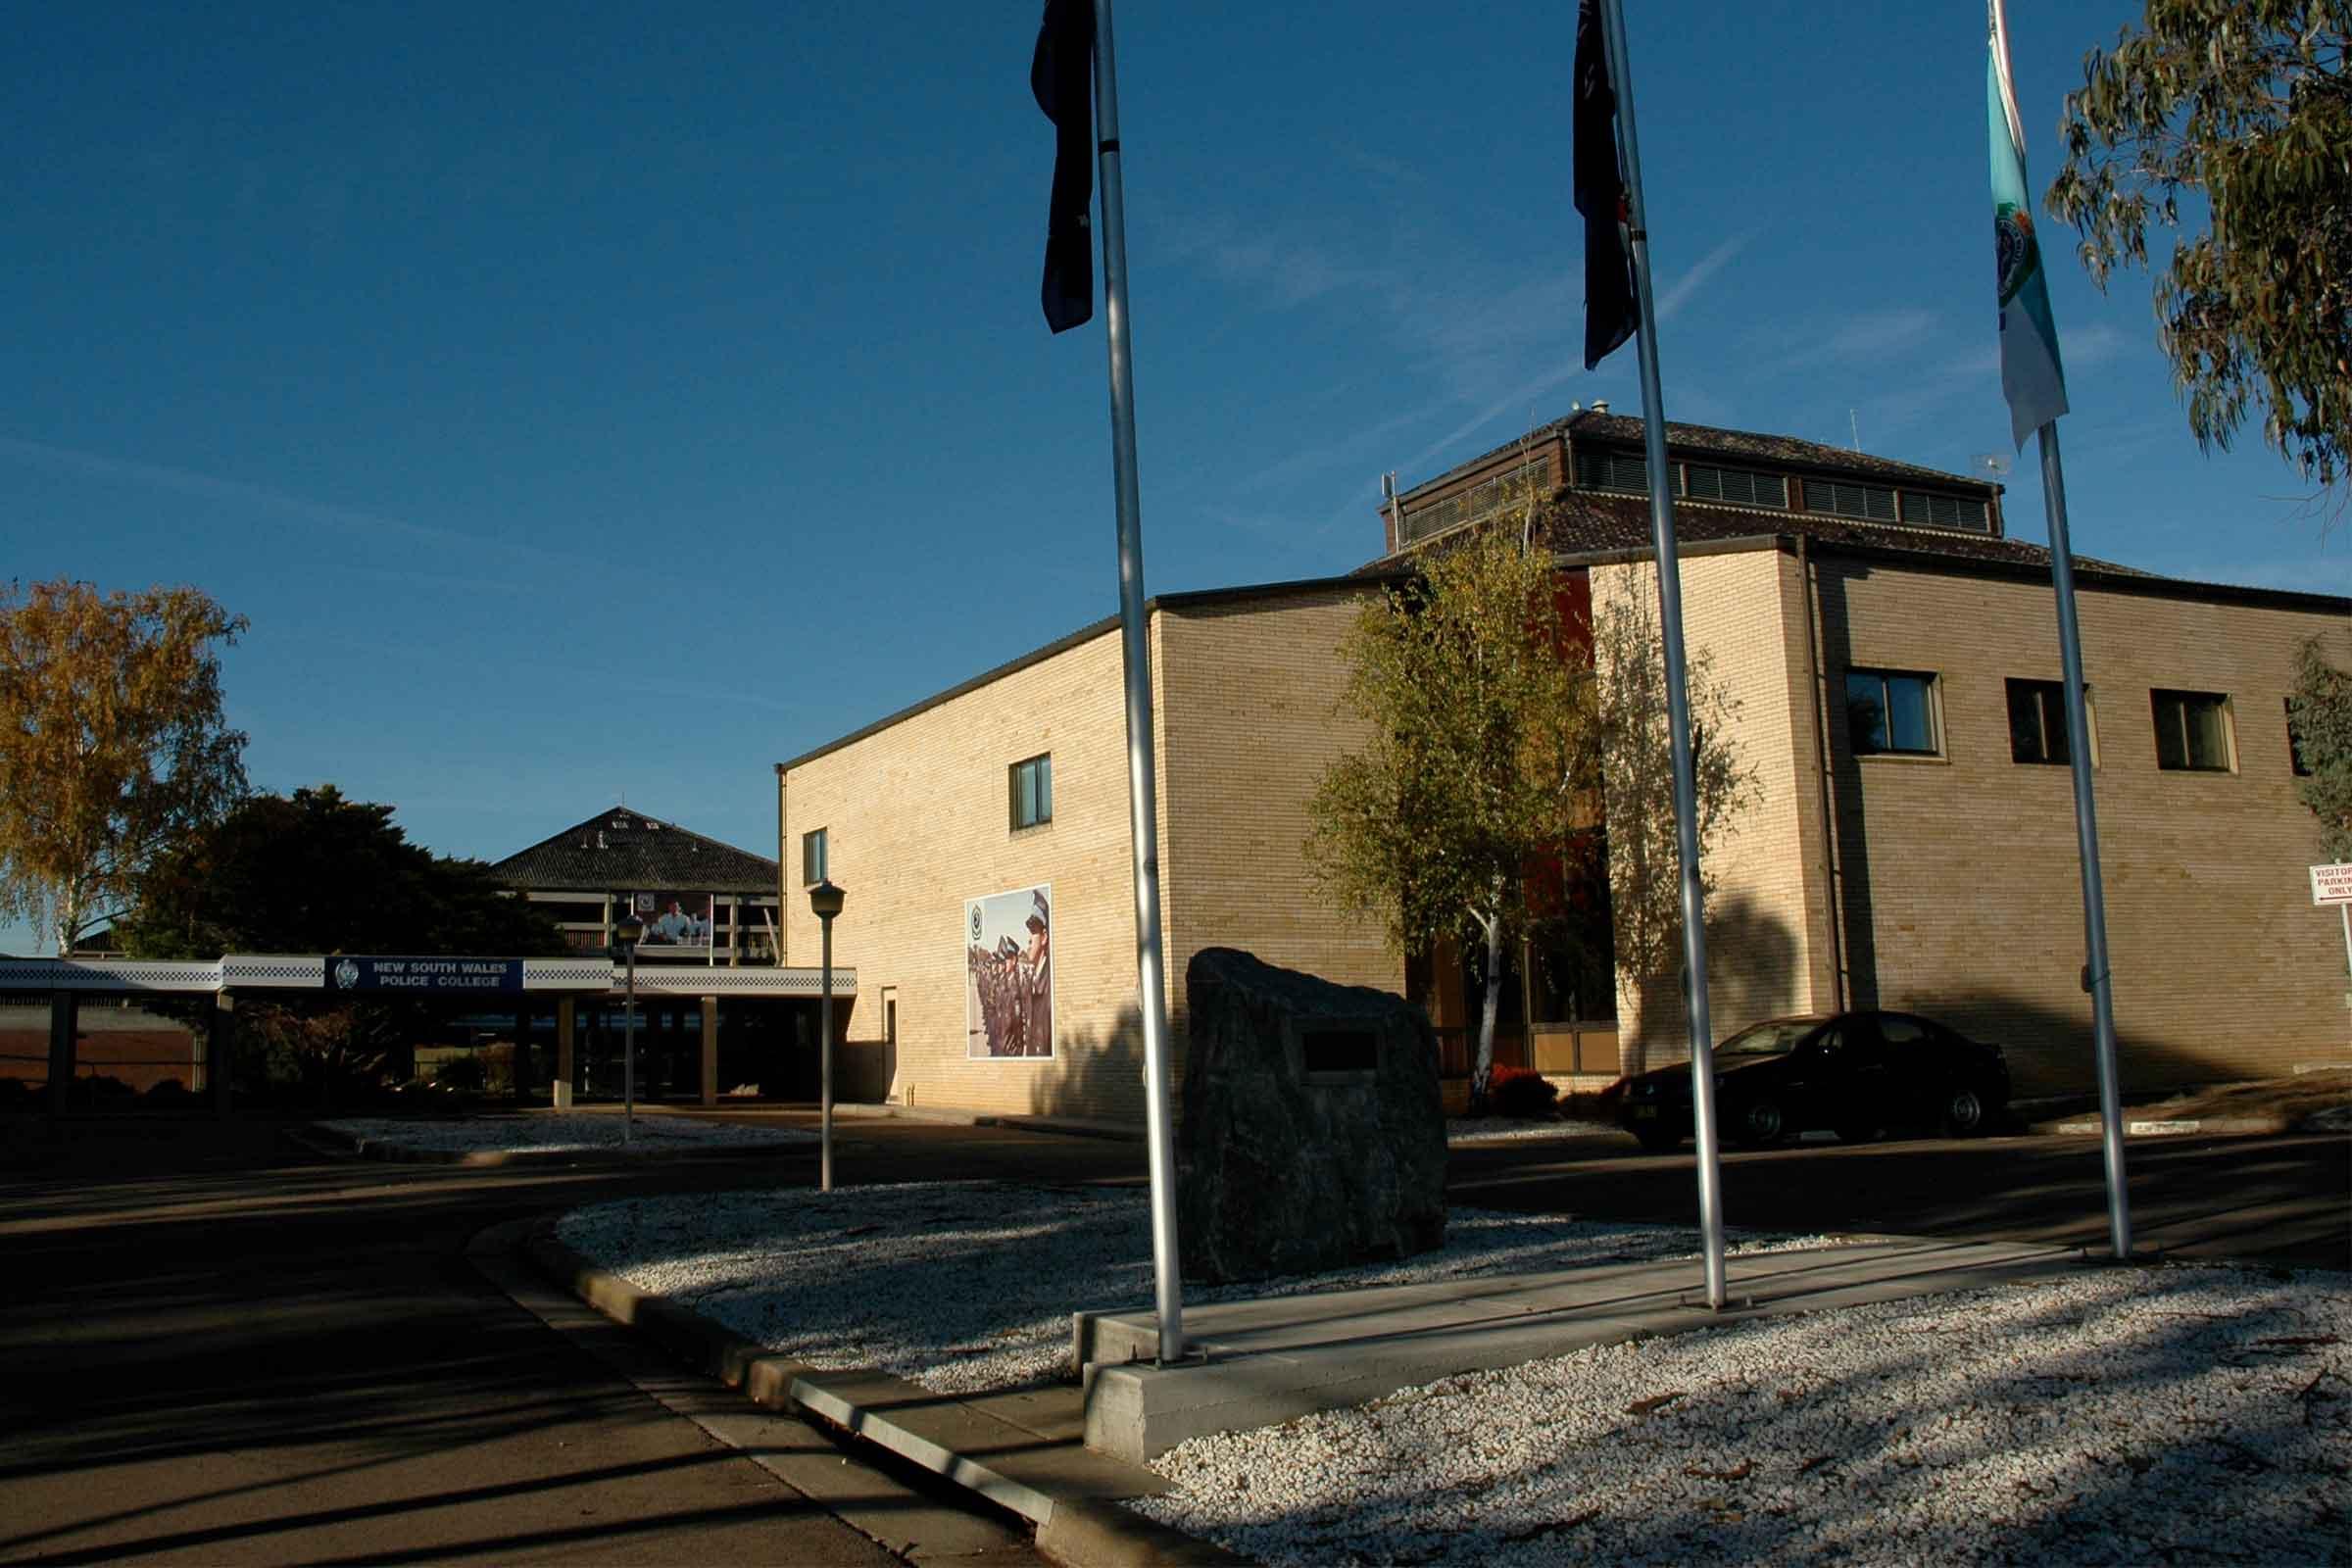 NSW Police Academy